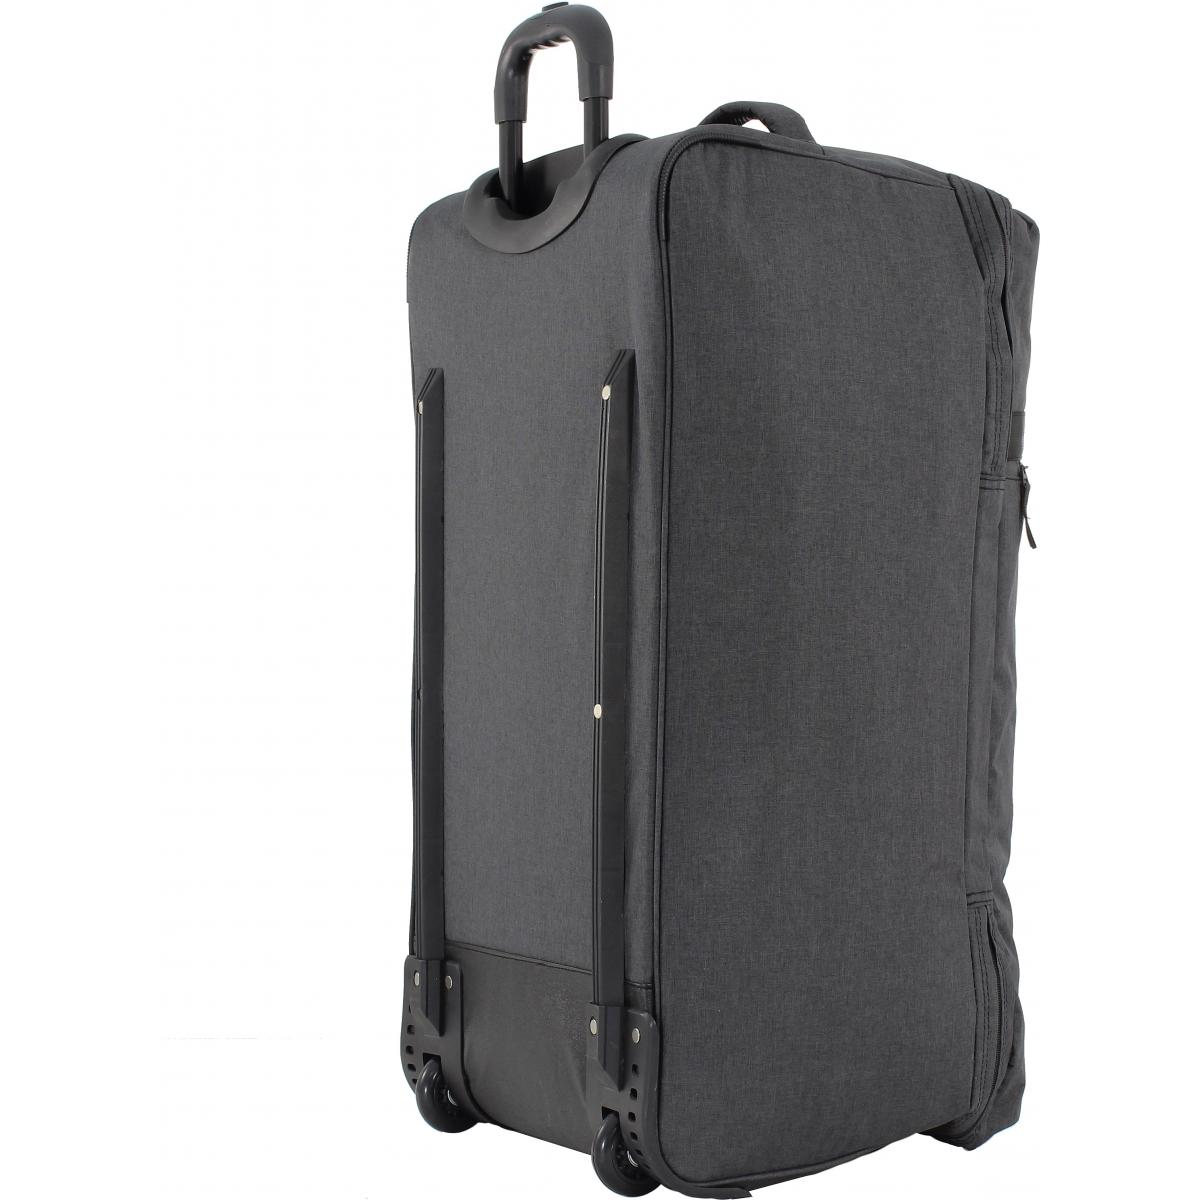 sac de voyage roulettes david jones taille l ba60251l couleur principale noir promotion. Black Bedroom Furniture Sets. Home Design Ideas